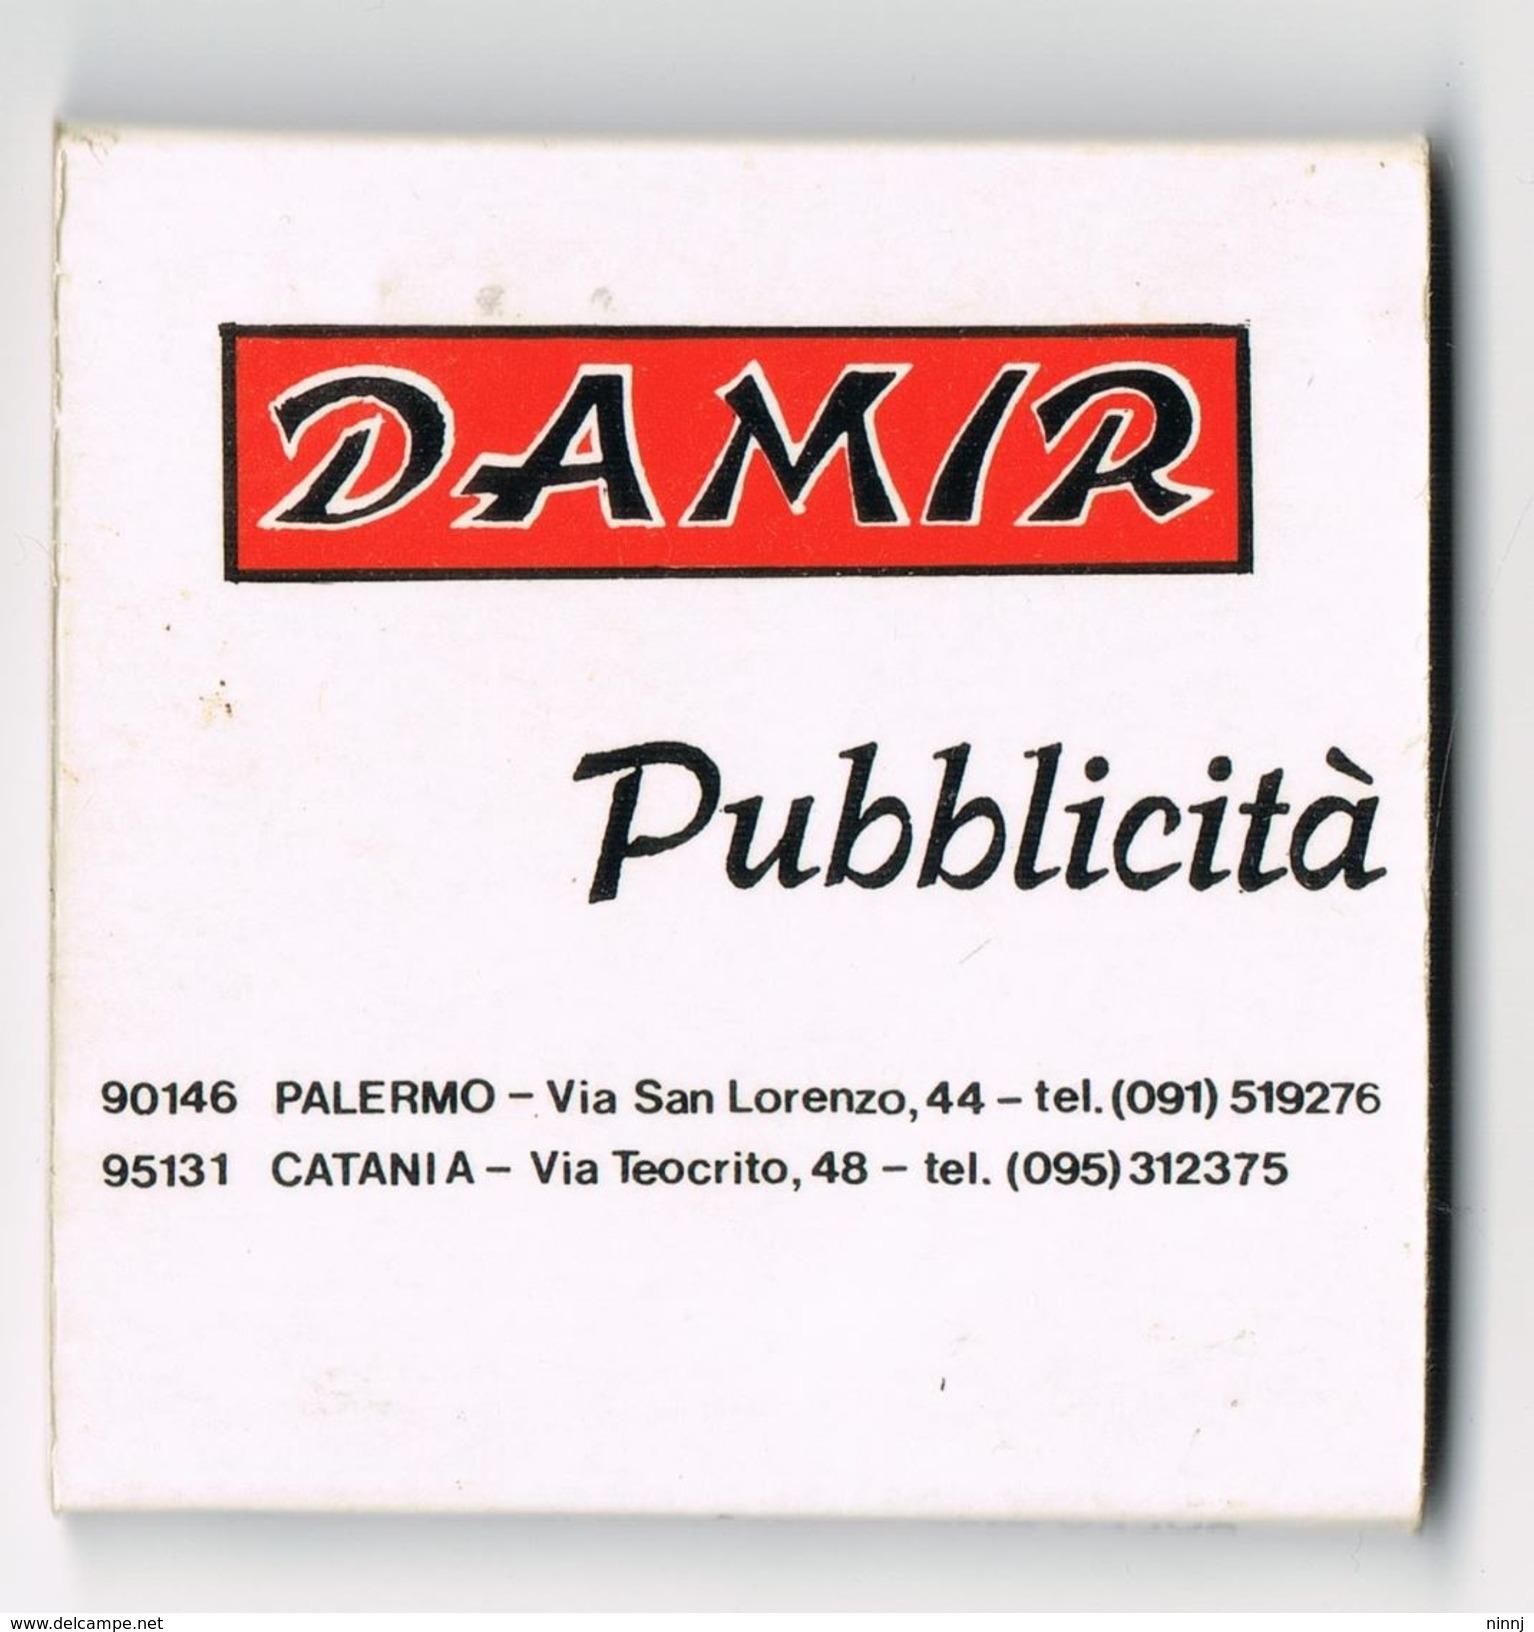 Collezionista Di Scatole Fiammiferi italia - fiammiferi pubblicitari - damir - saffa stab. di magenta minerva